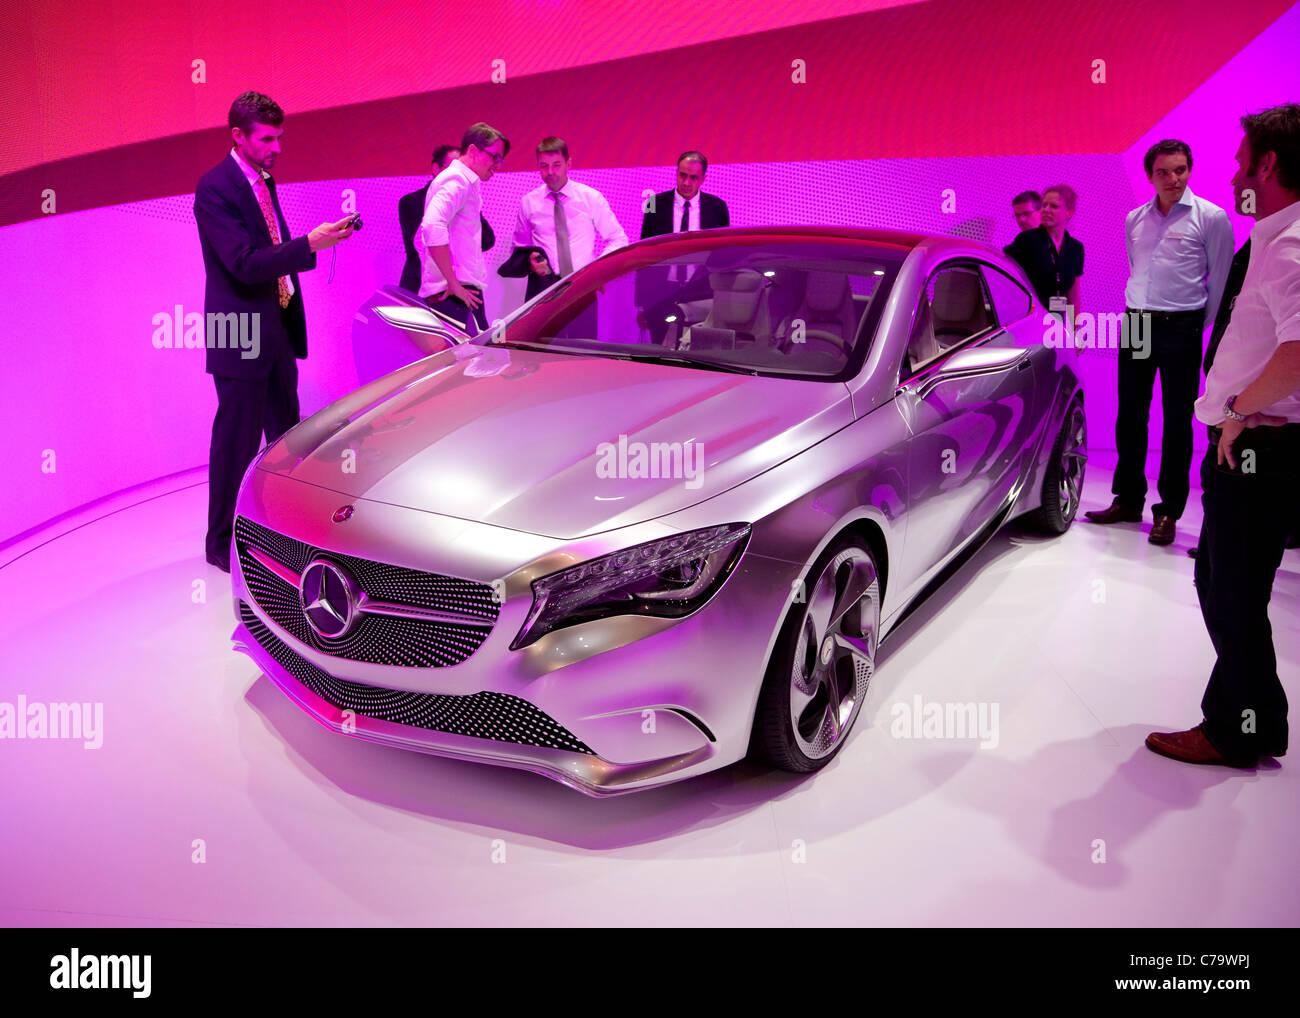 Neue Mercedes-Benz A-Klasse Concept auf der IAA 2011 International Motor Show in Frankfurt Am Main, Deutschland Stockbild